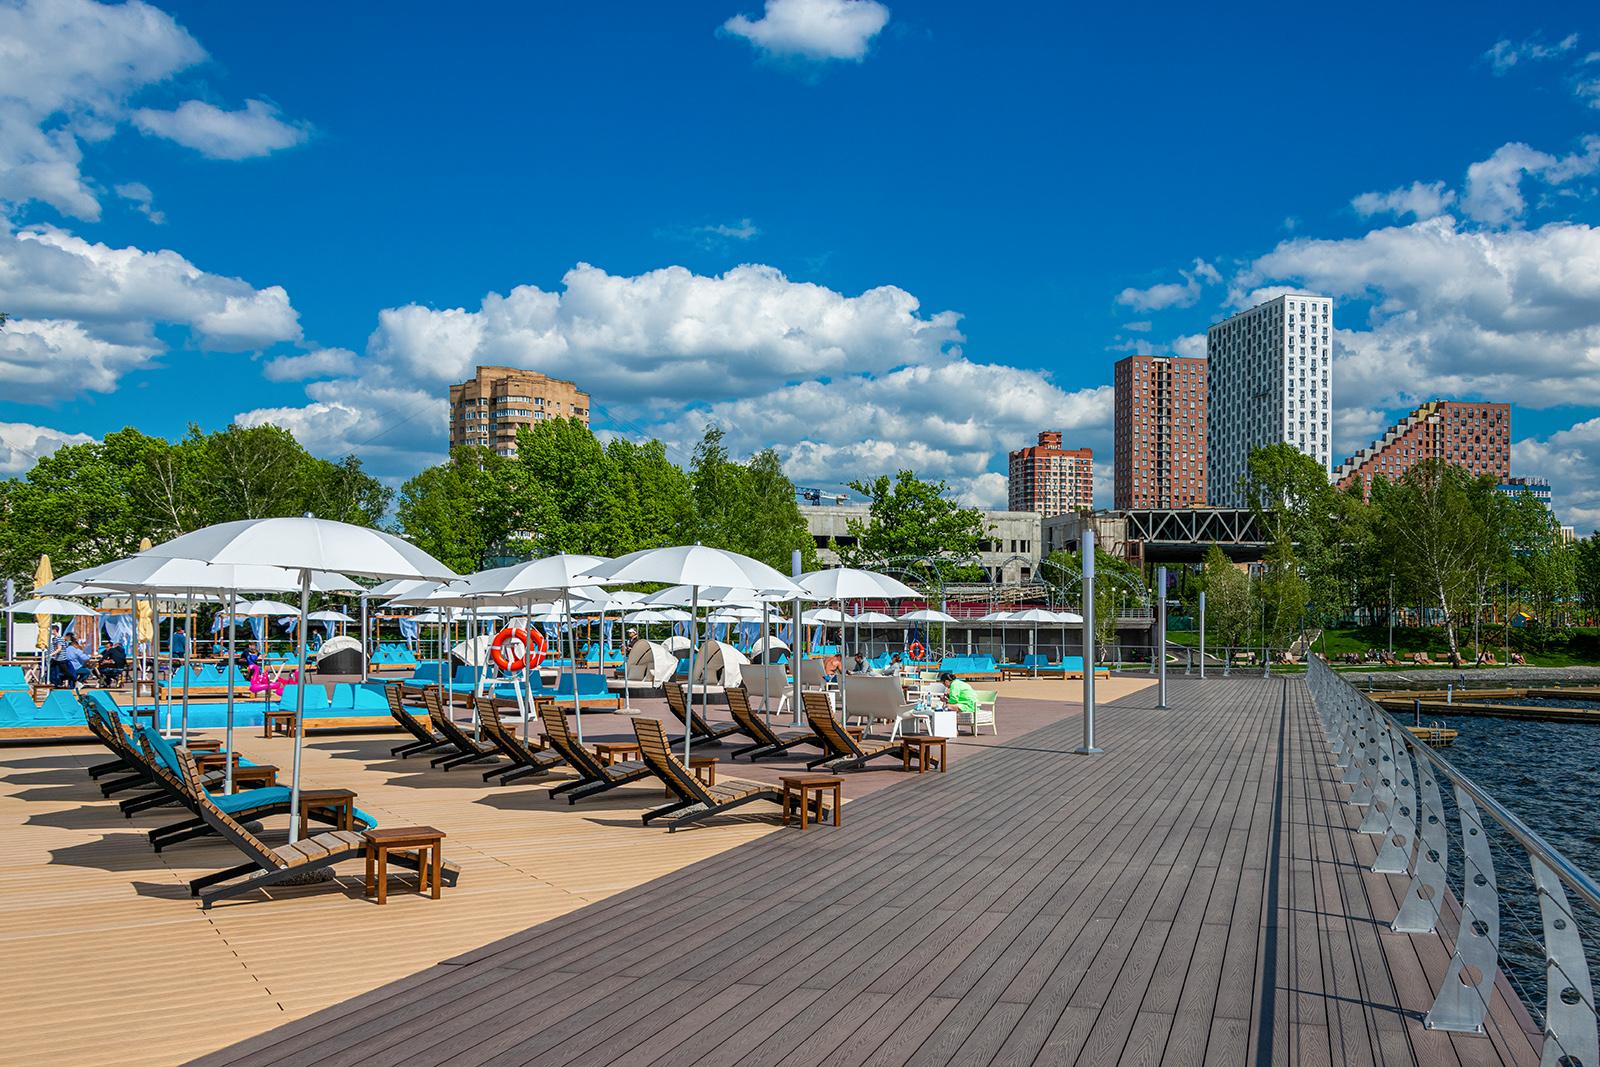 Пляжная зона с подогреваемыми бассейнами открылась на набережной Северного речного вокзала